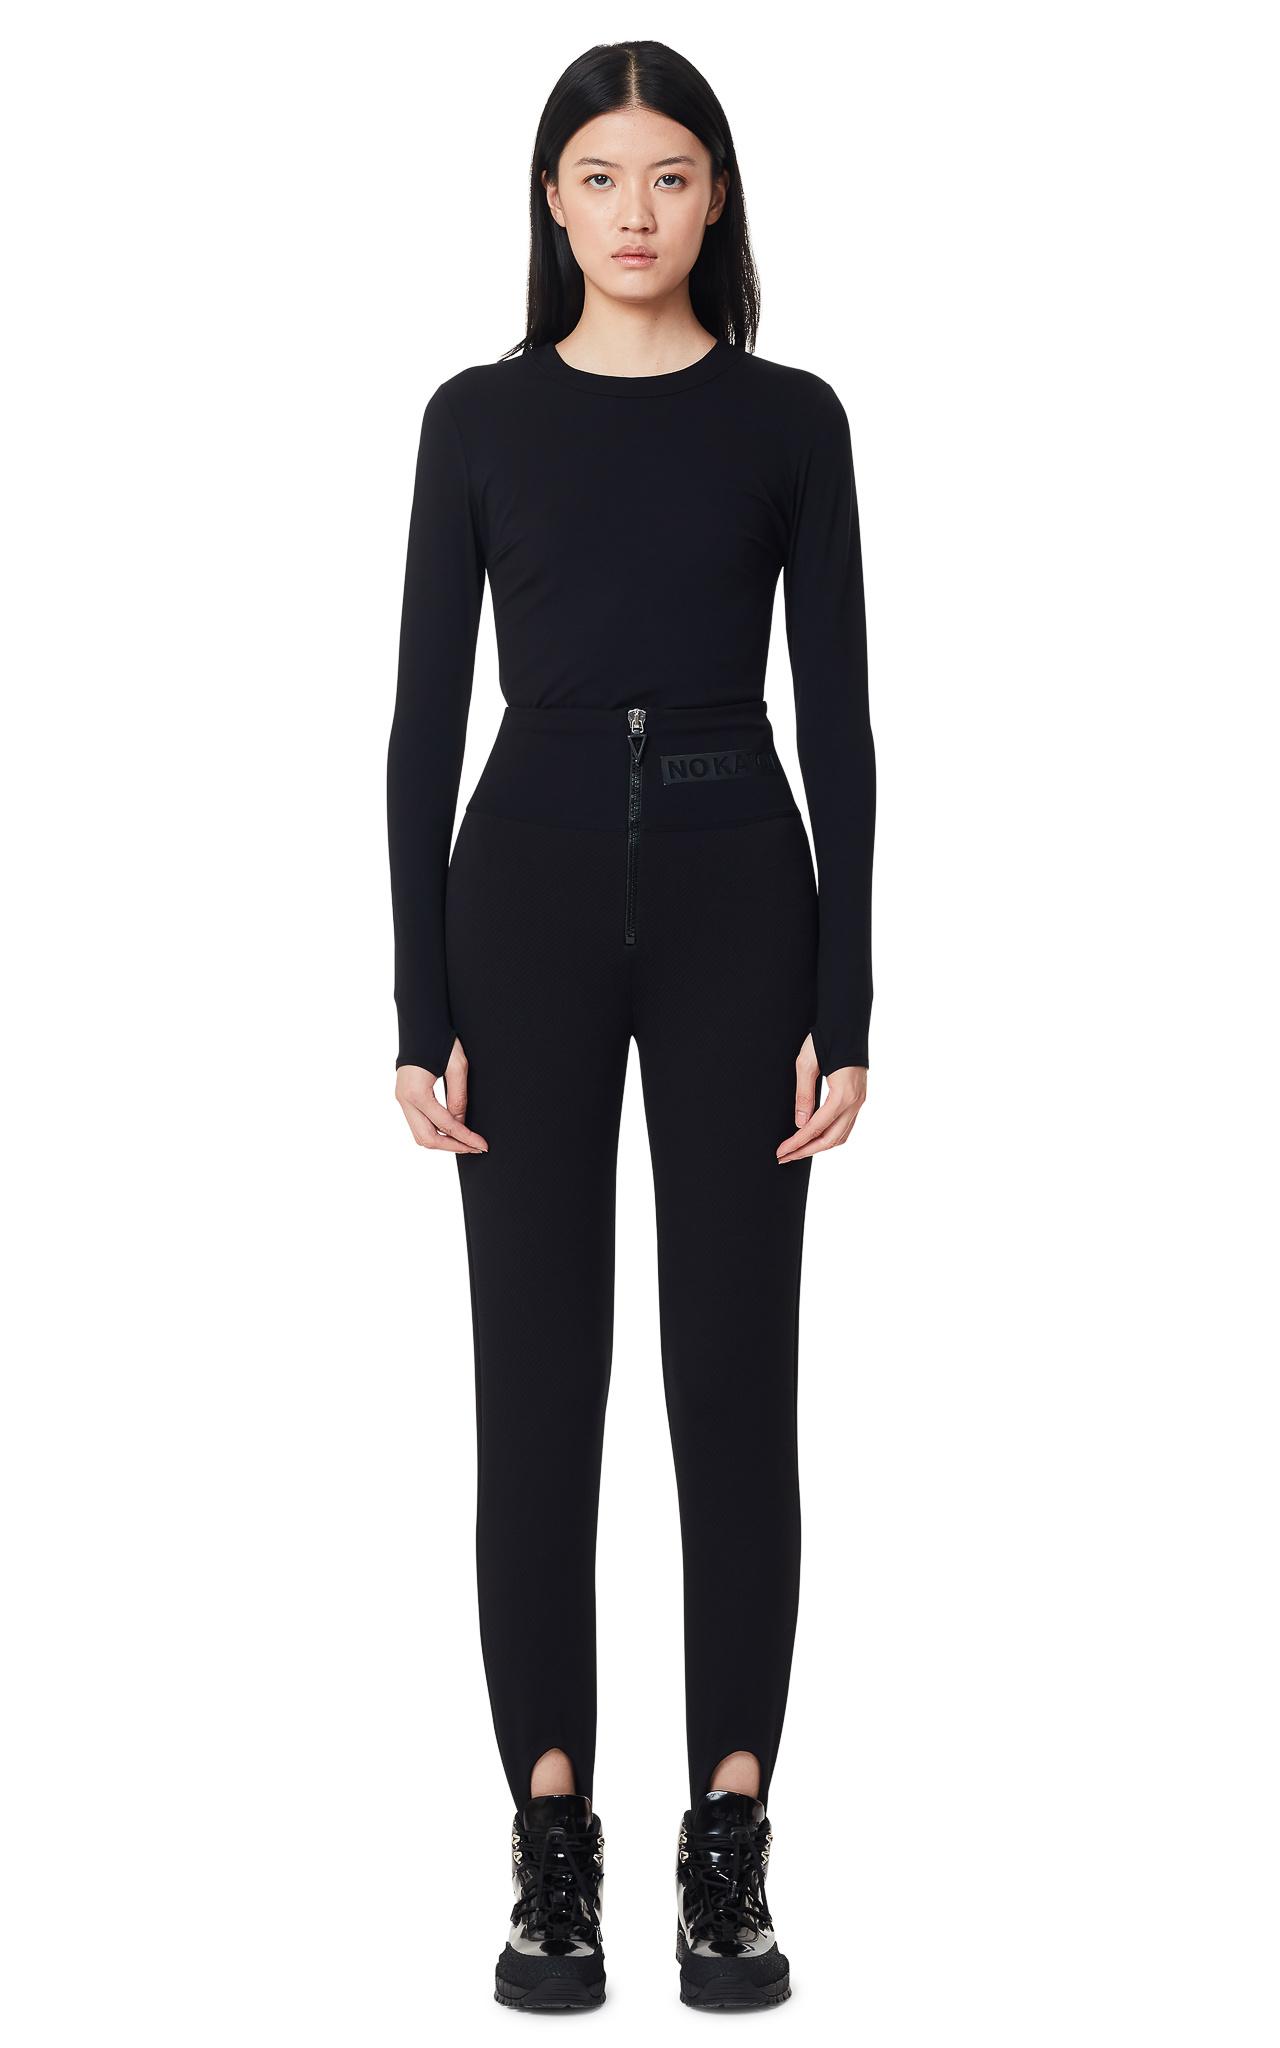 NO KA'OI Horizon Pants With Gaiters